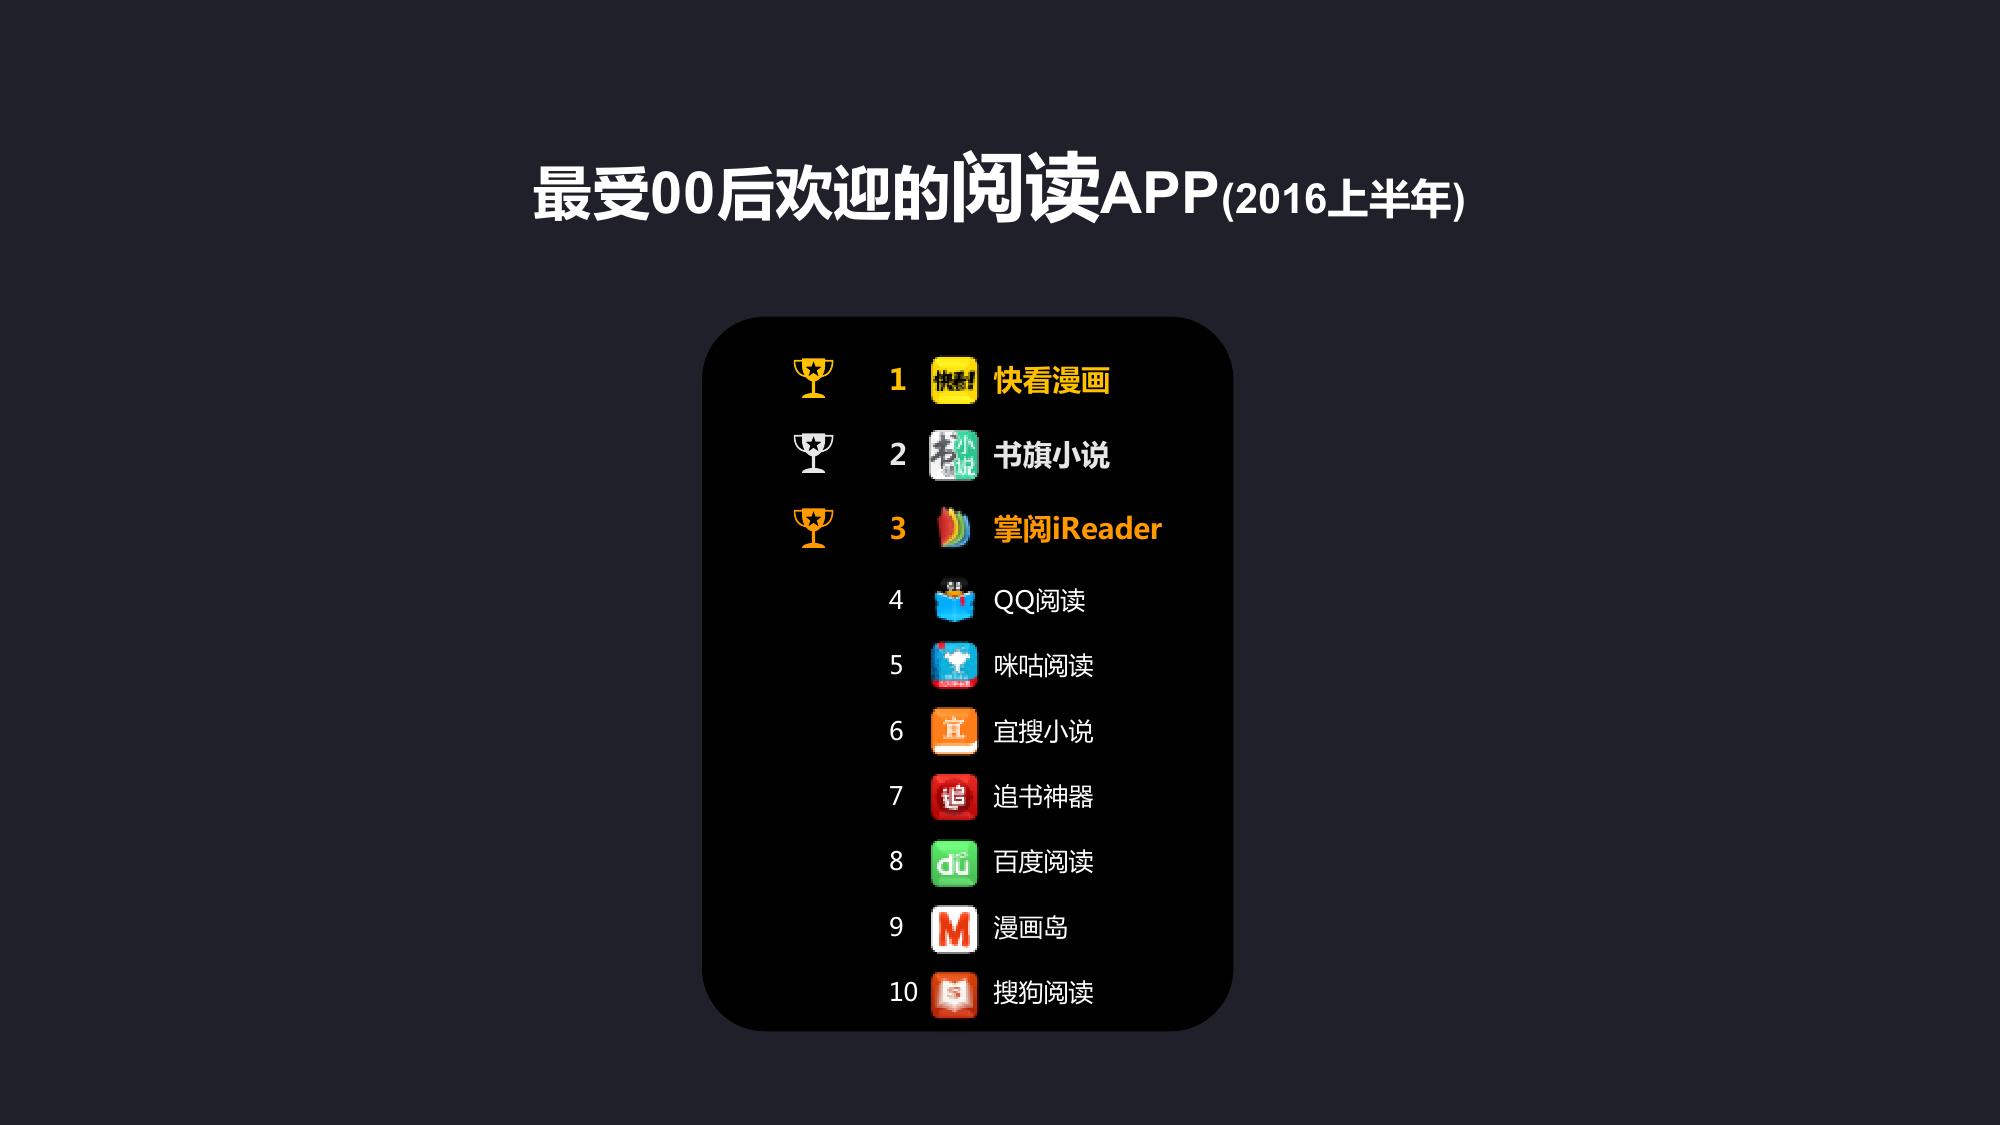 00后智能手机及APP使用习惯研究报告_000037